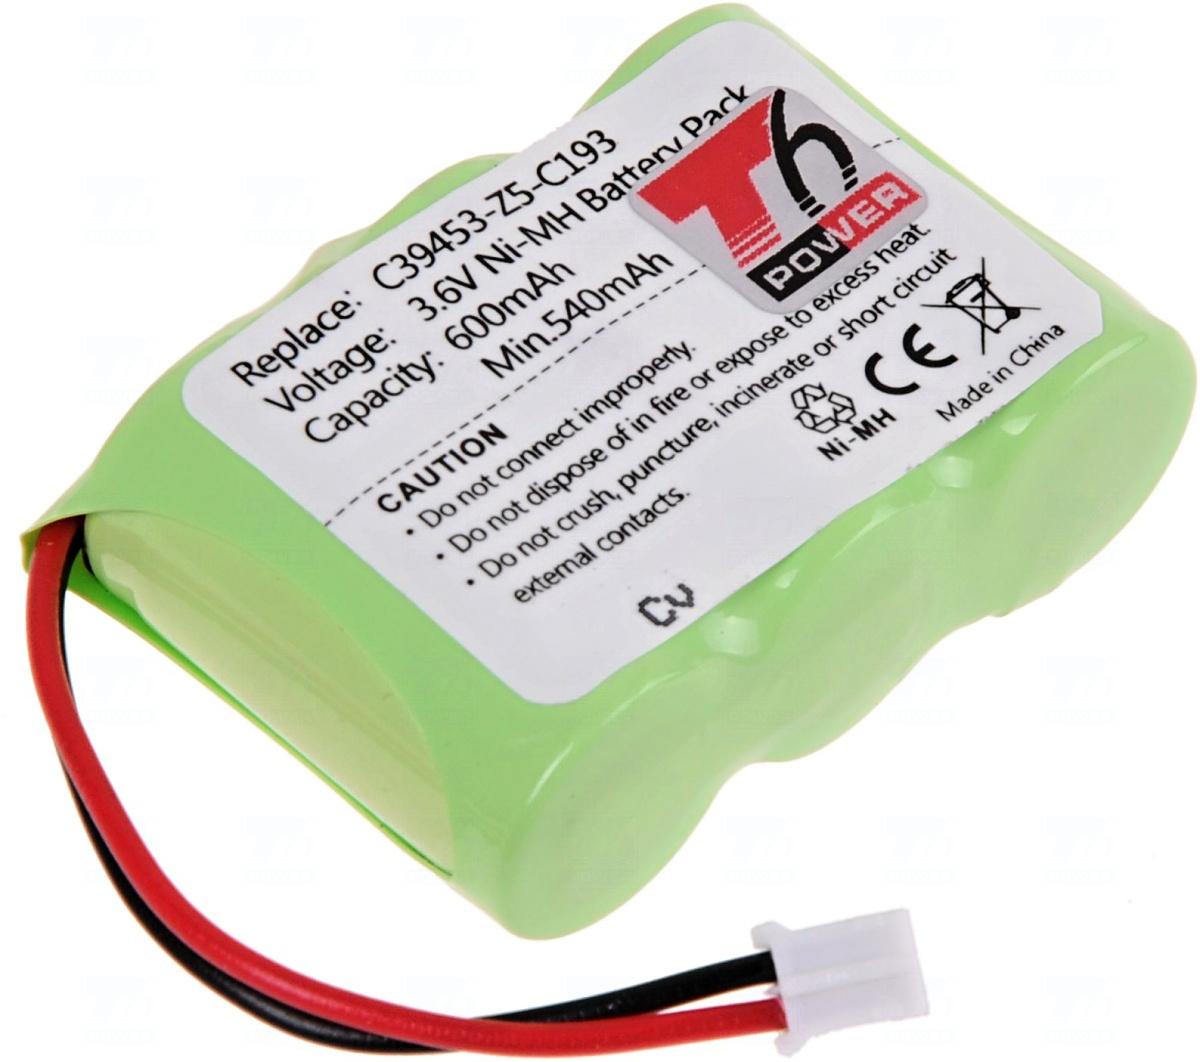 Baterie T6 power V30145-K1310-X147, HSC22, C39453-Z5-C193, T294, 60AAH3BMX